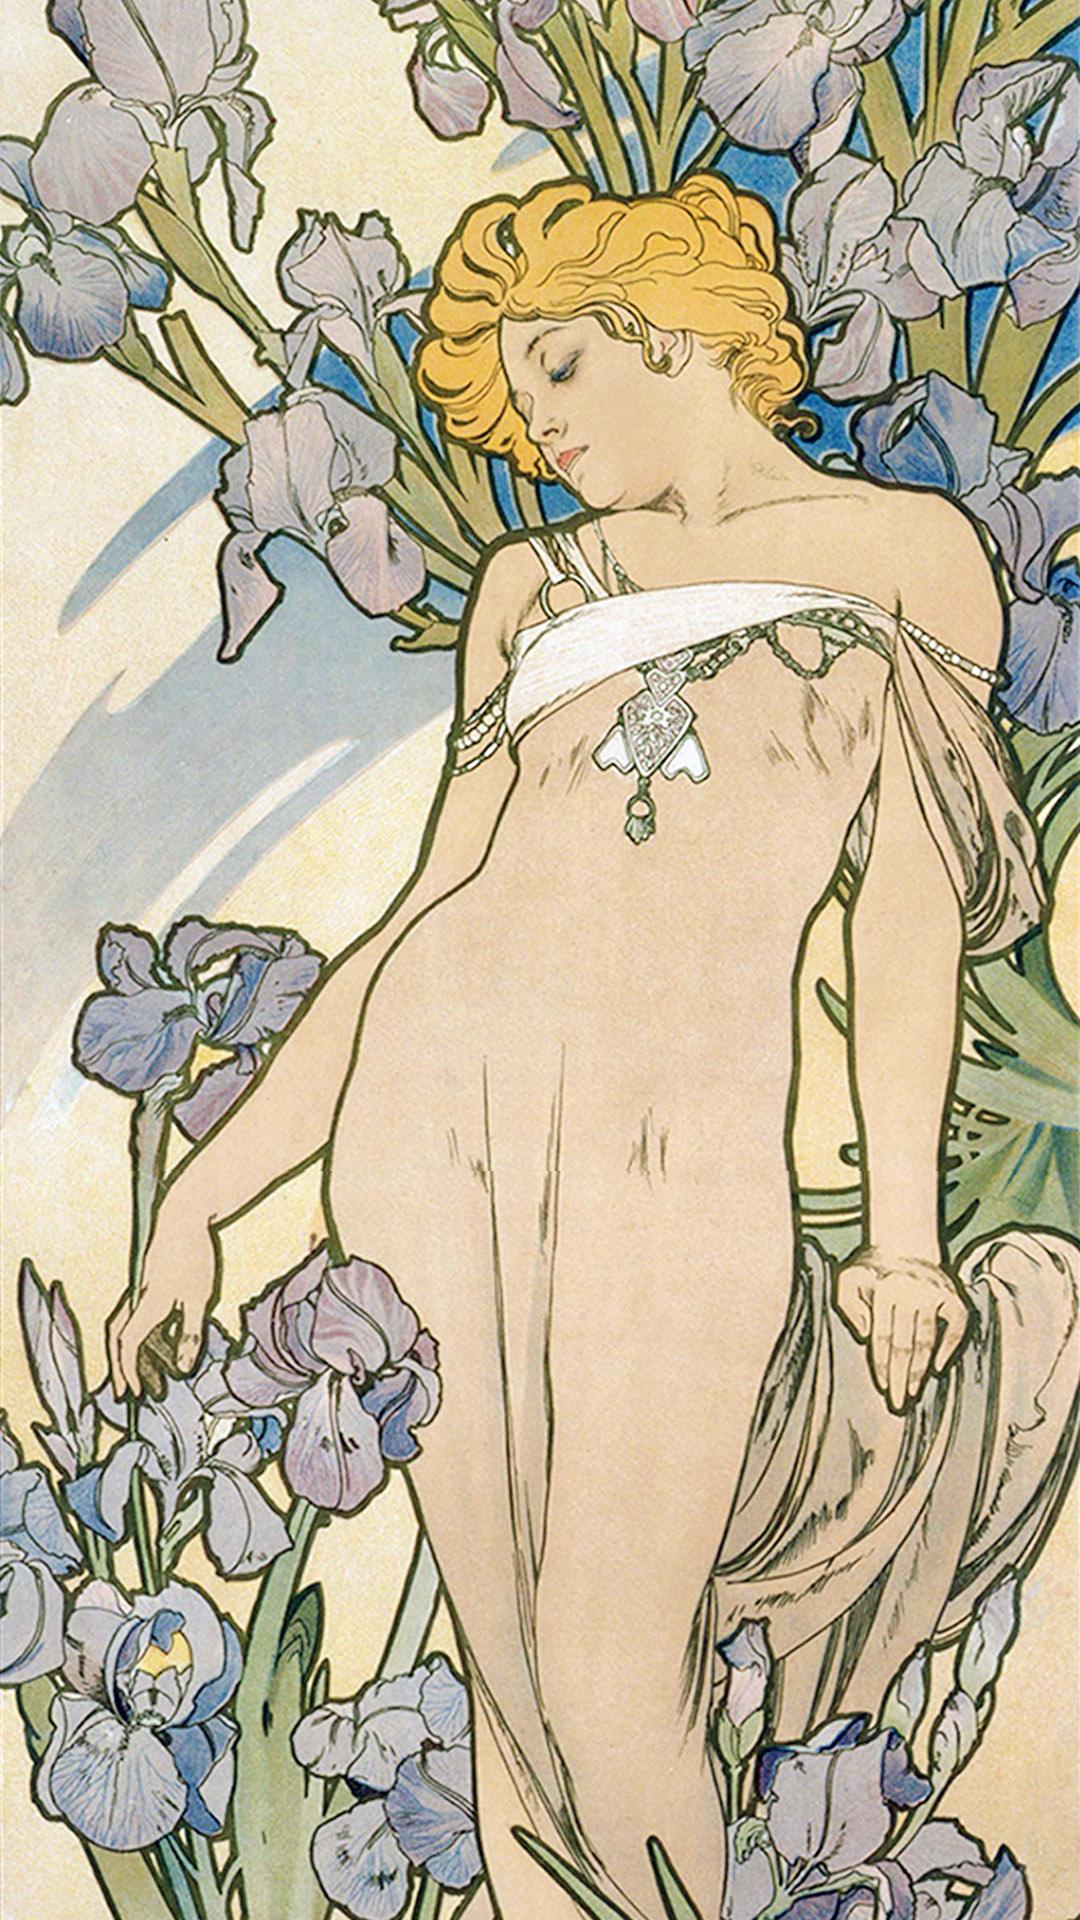 ミュシャ 四つの花 アイリス Alfons Mucha - Four flowers iris 1080x1920